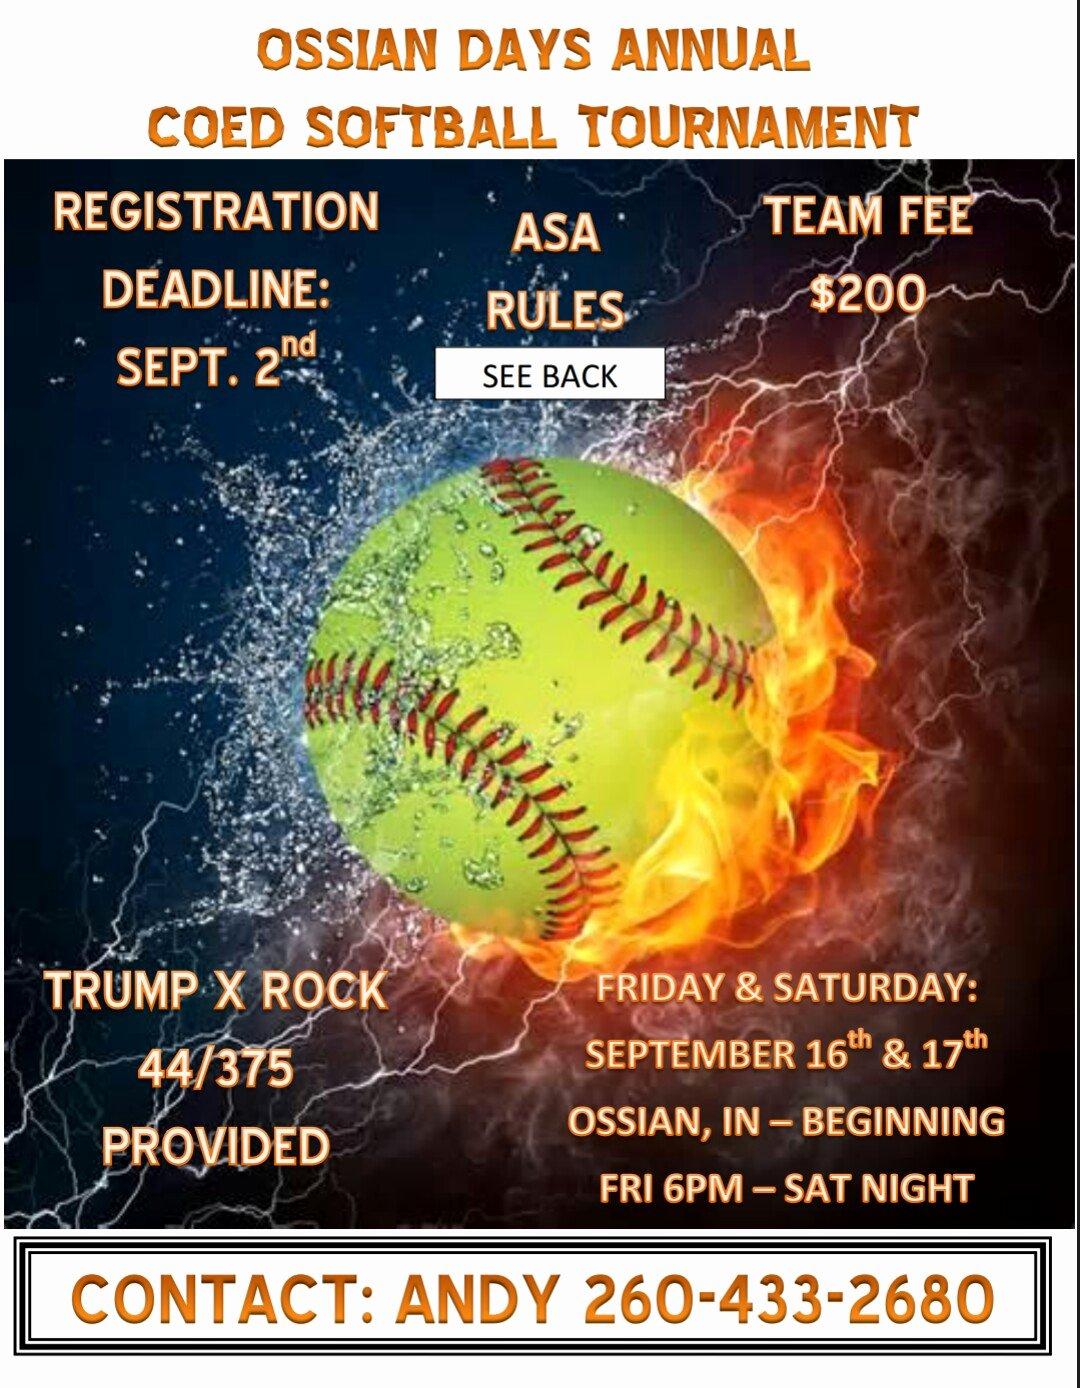 Softball tournament Flyer Template Inspirational Ossian Days Street Festival